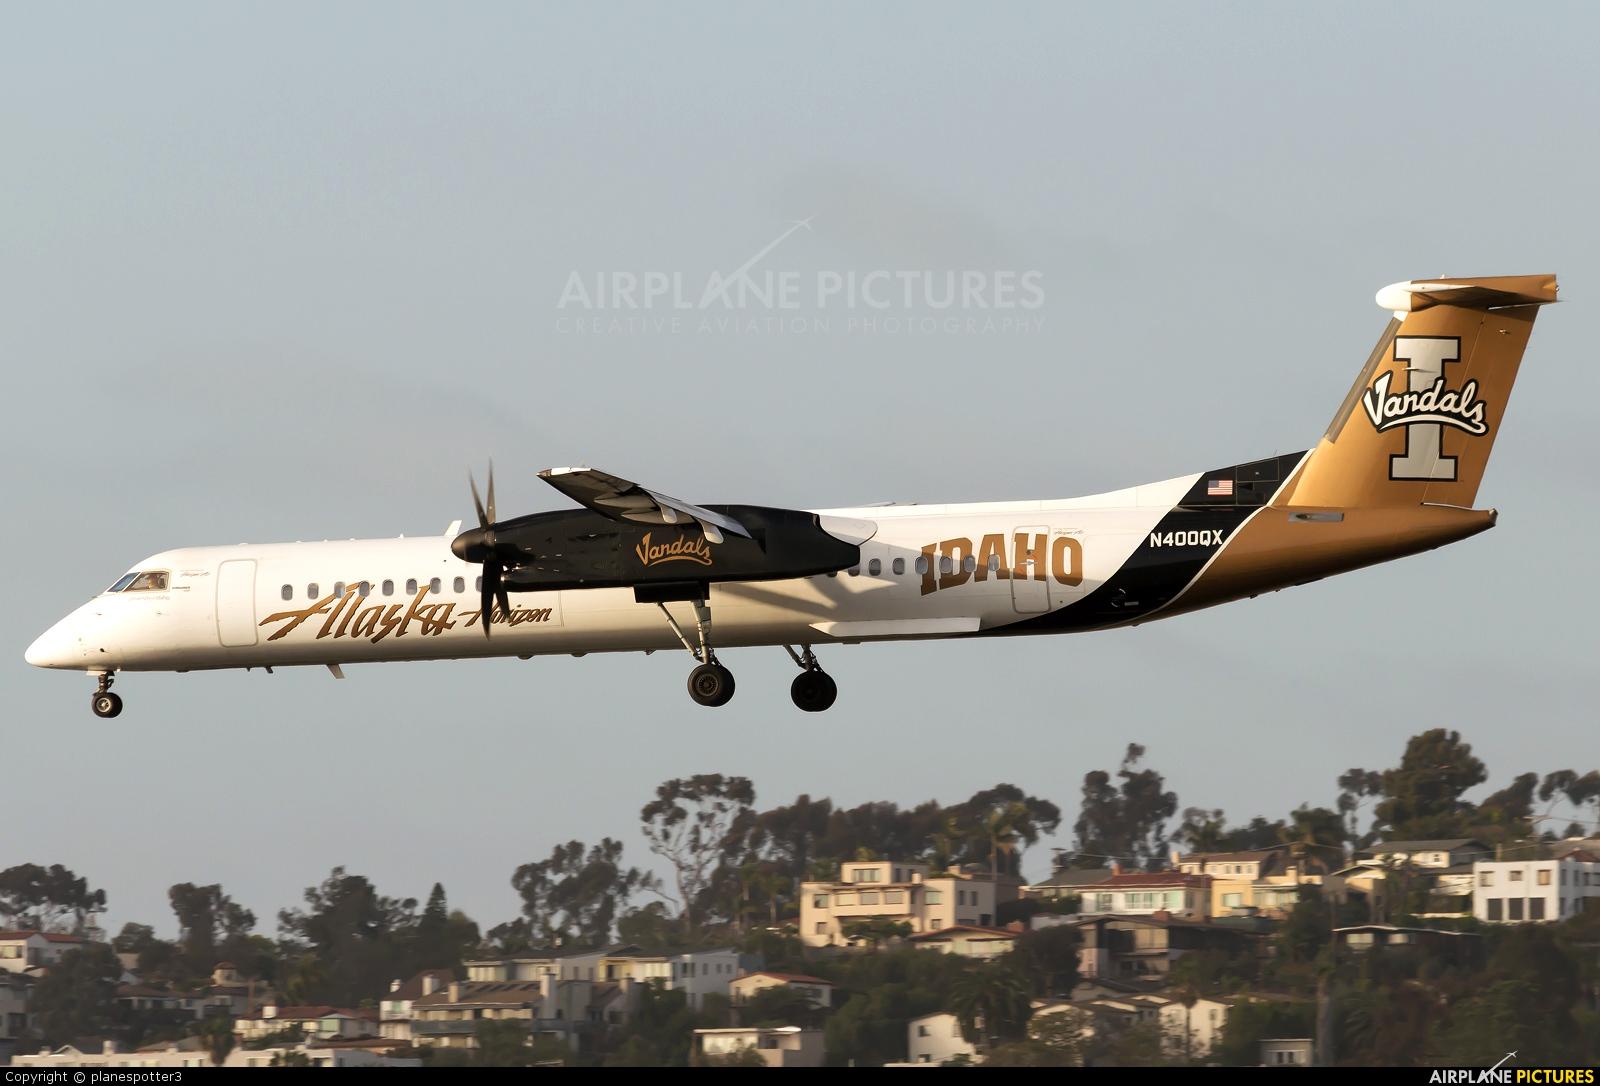 Alaska Airlines - Horizon Air N400QX aircraft at San Diego - Lindbergh Field